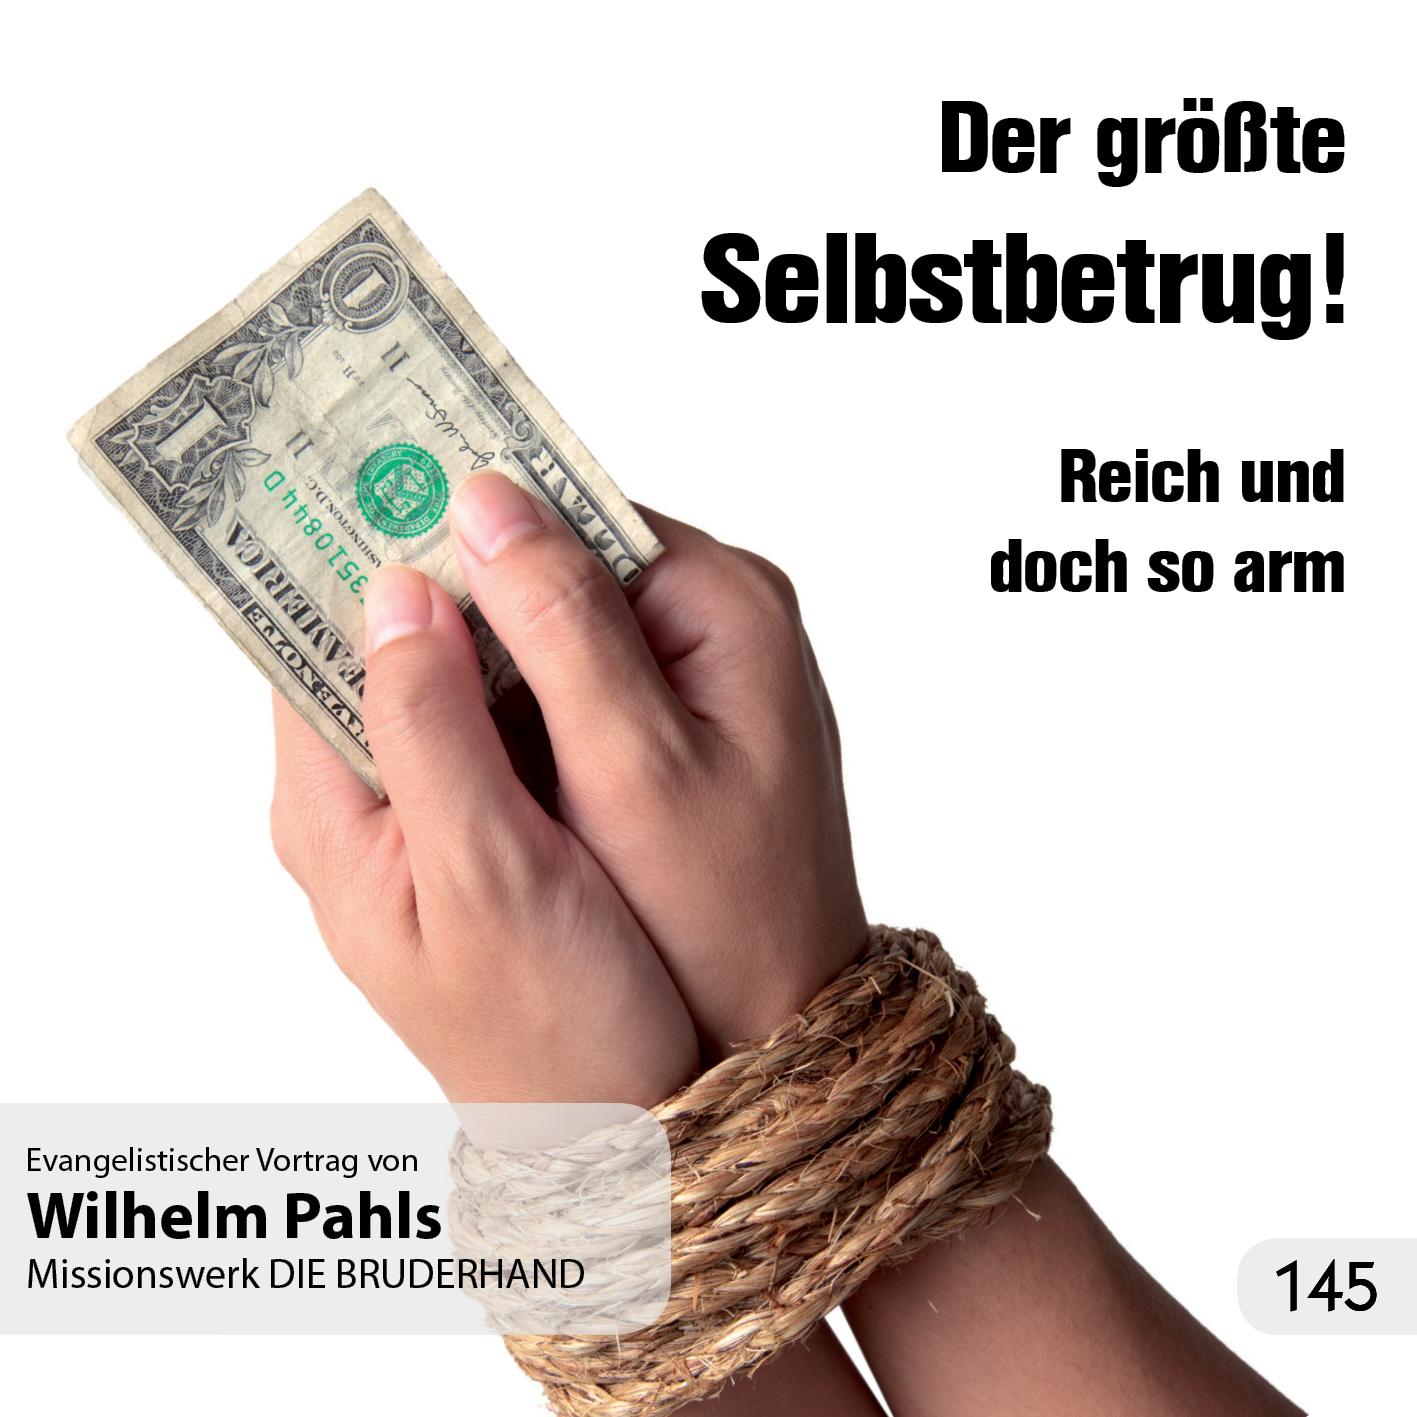 Der größte Selbstbetrug! Reich und doch so arm